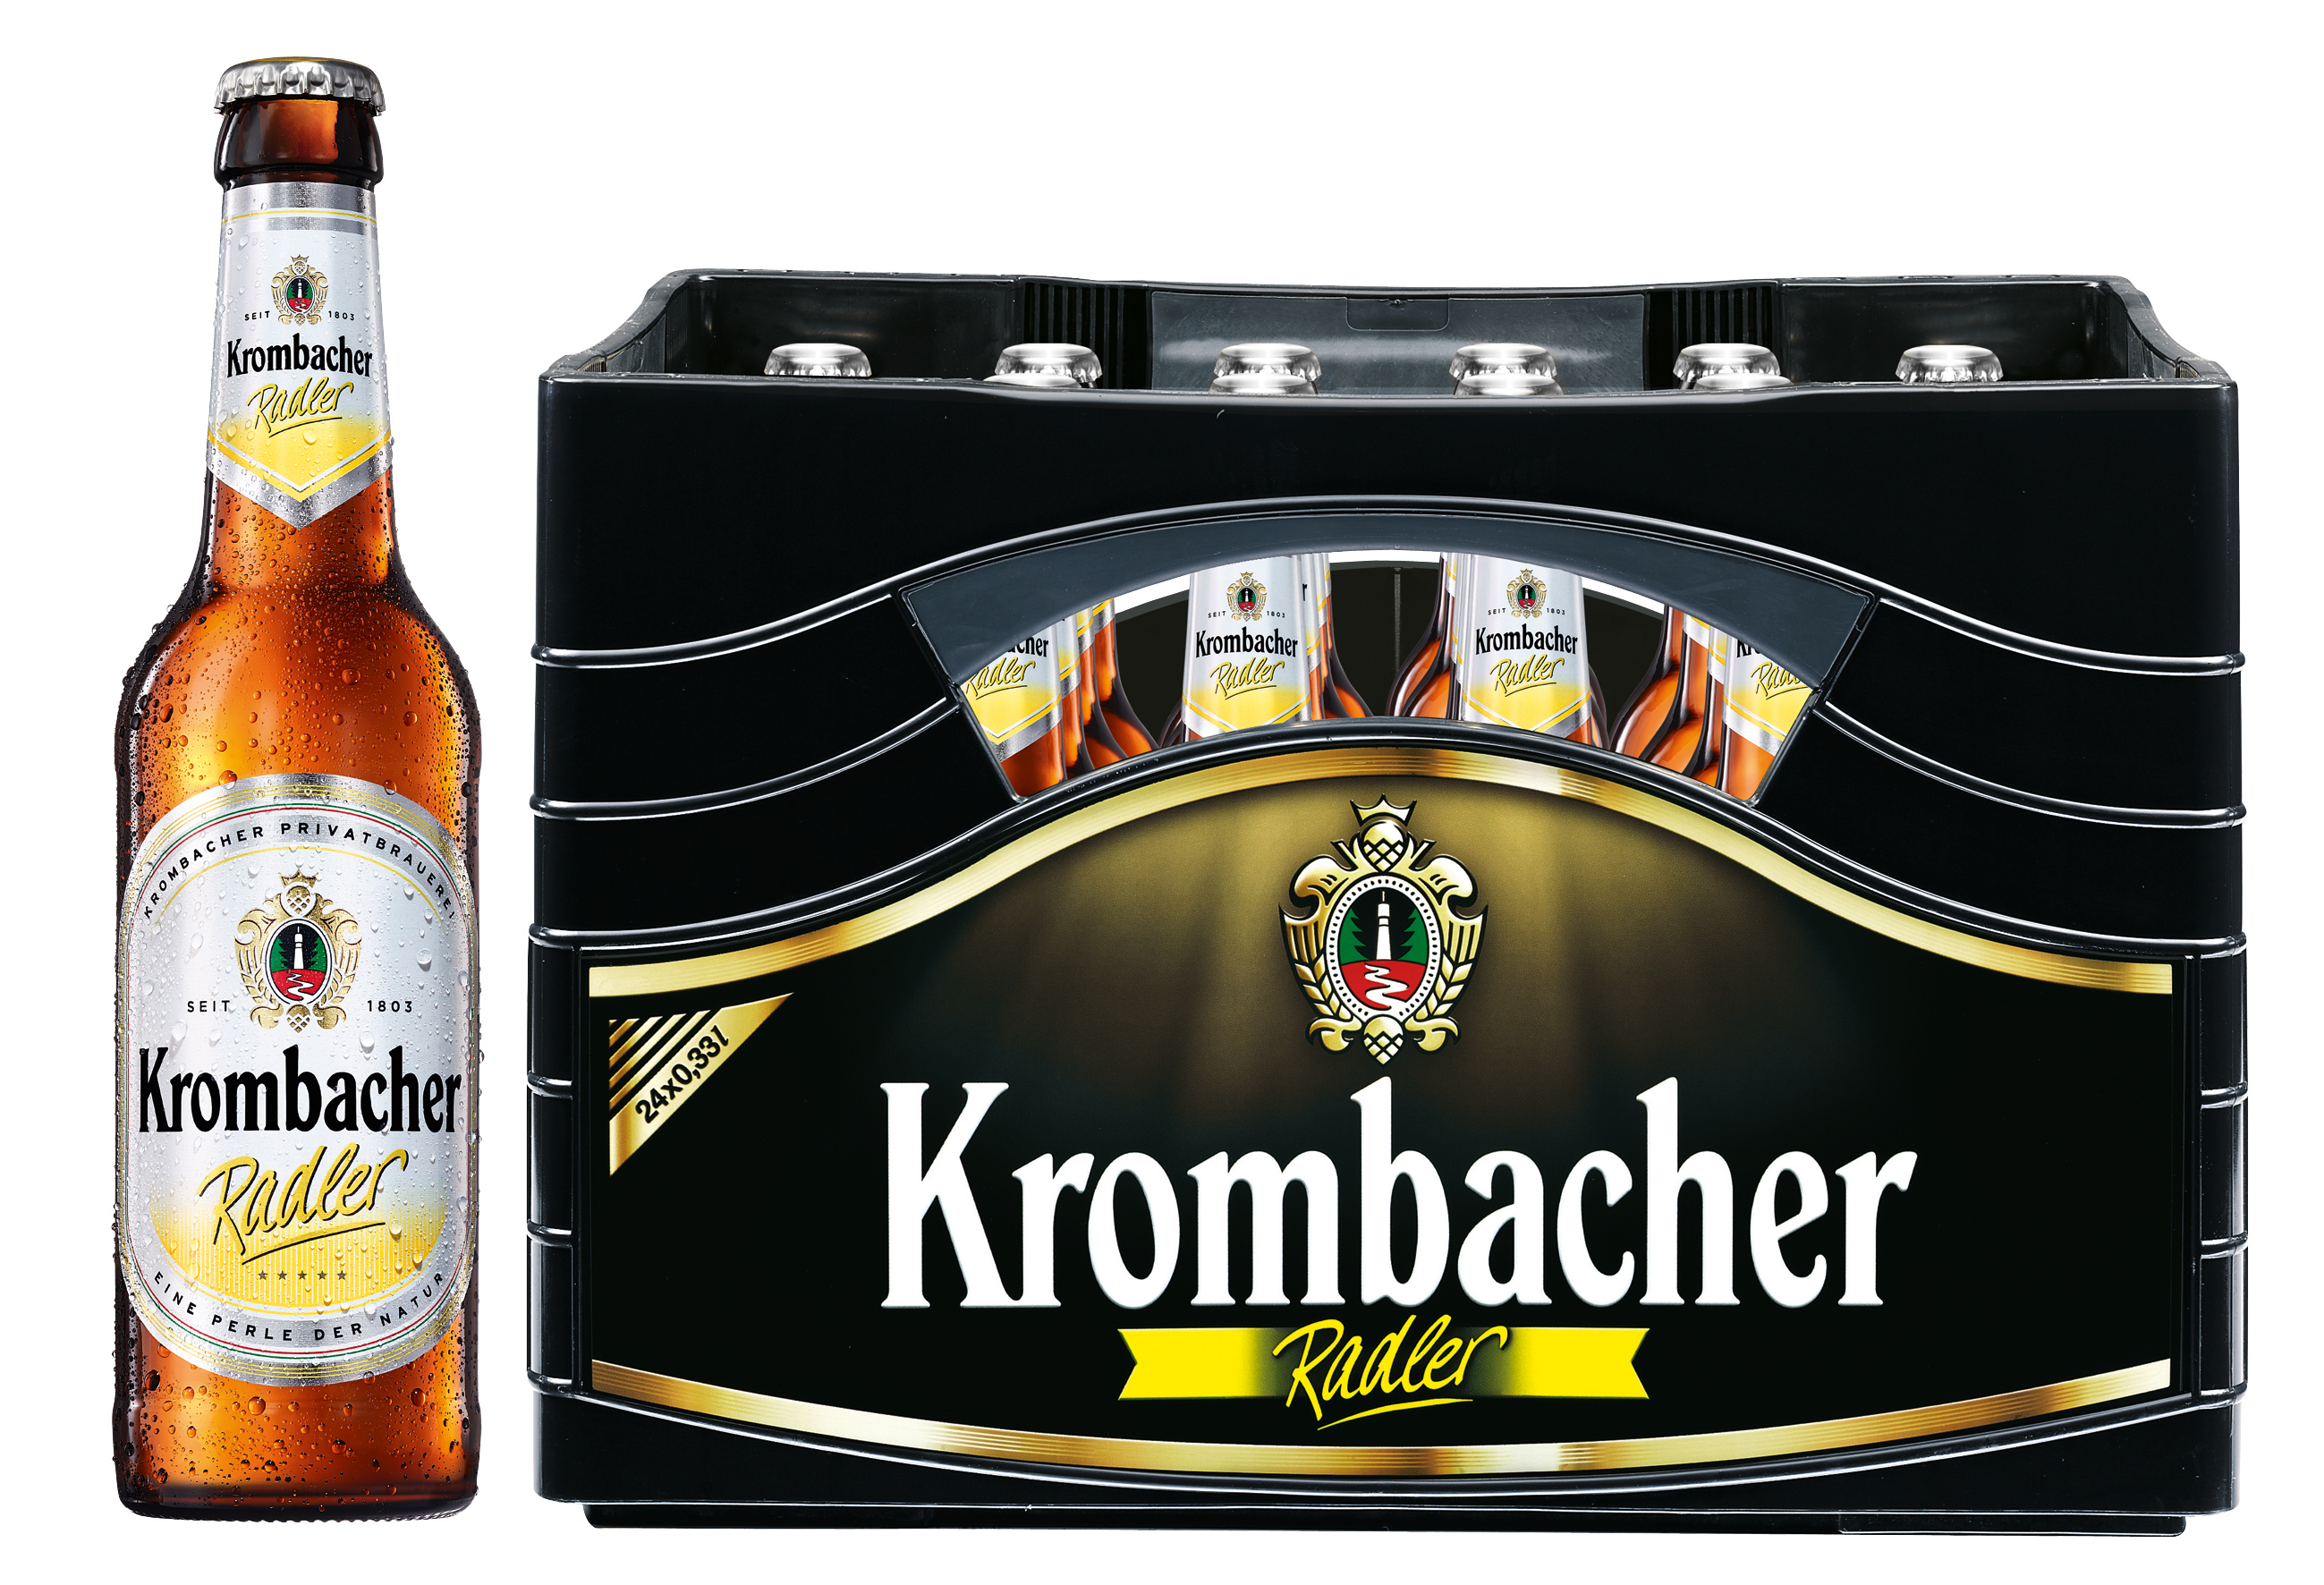 Krombacher Radler